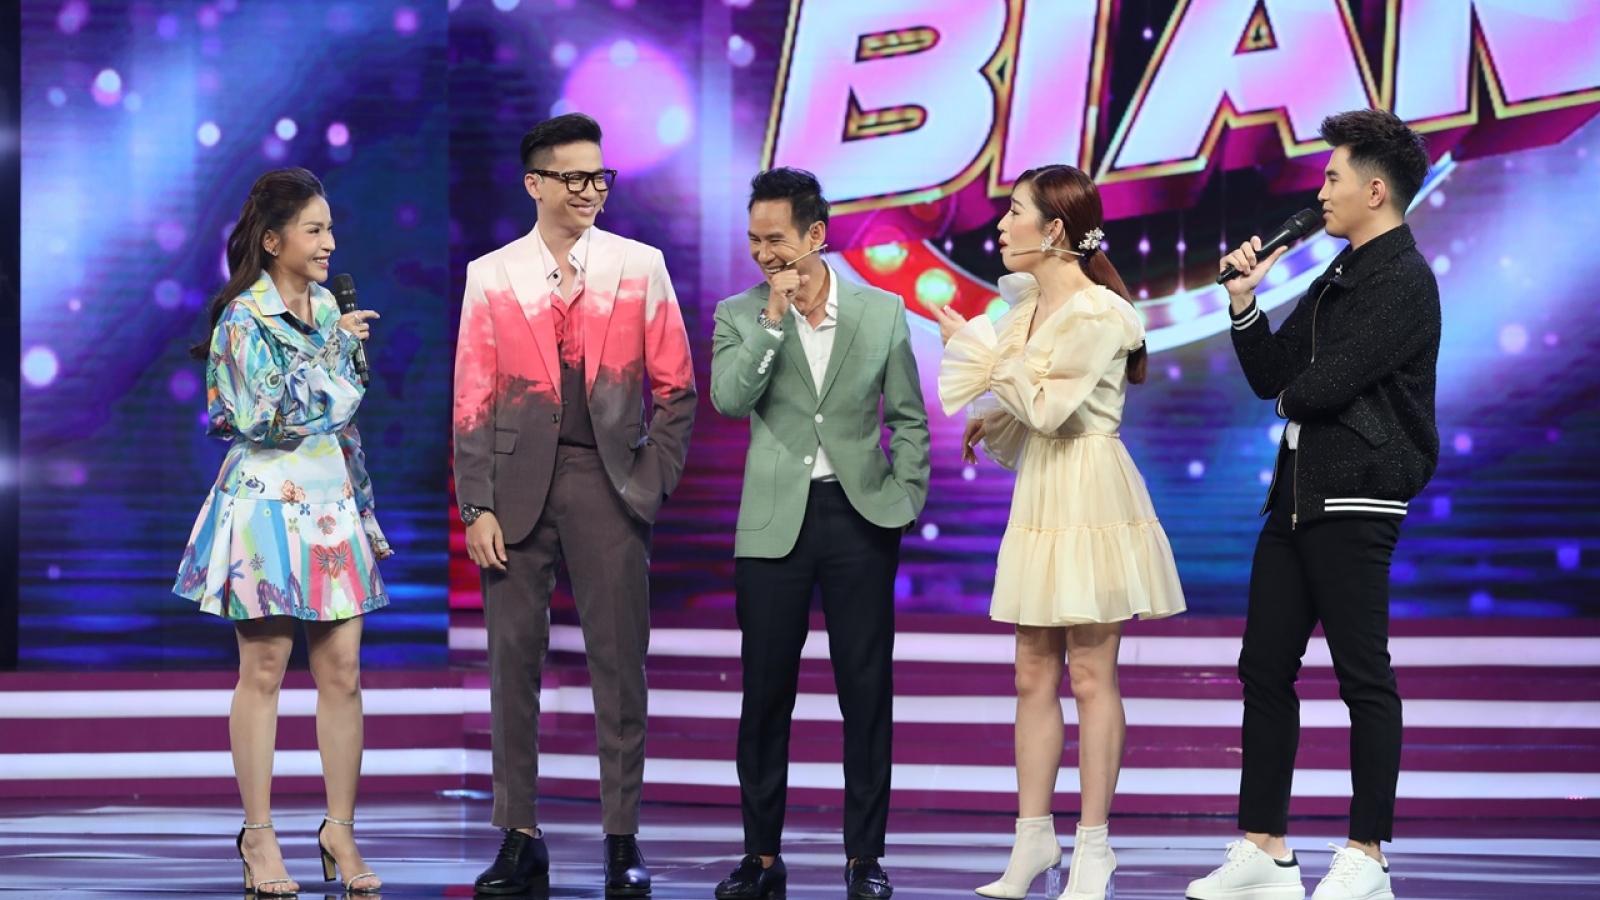 """Lý Hải tiết lộ từng đi diễn hài với MC Quyền Linh nhưng phải """"bỏ nghề"""" vì không ai cười"""